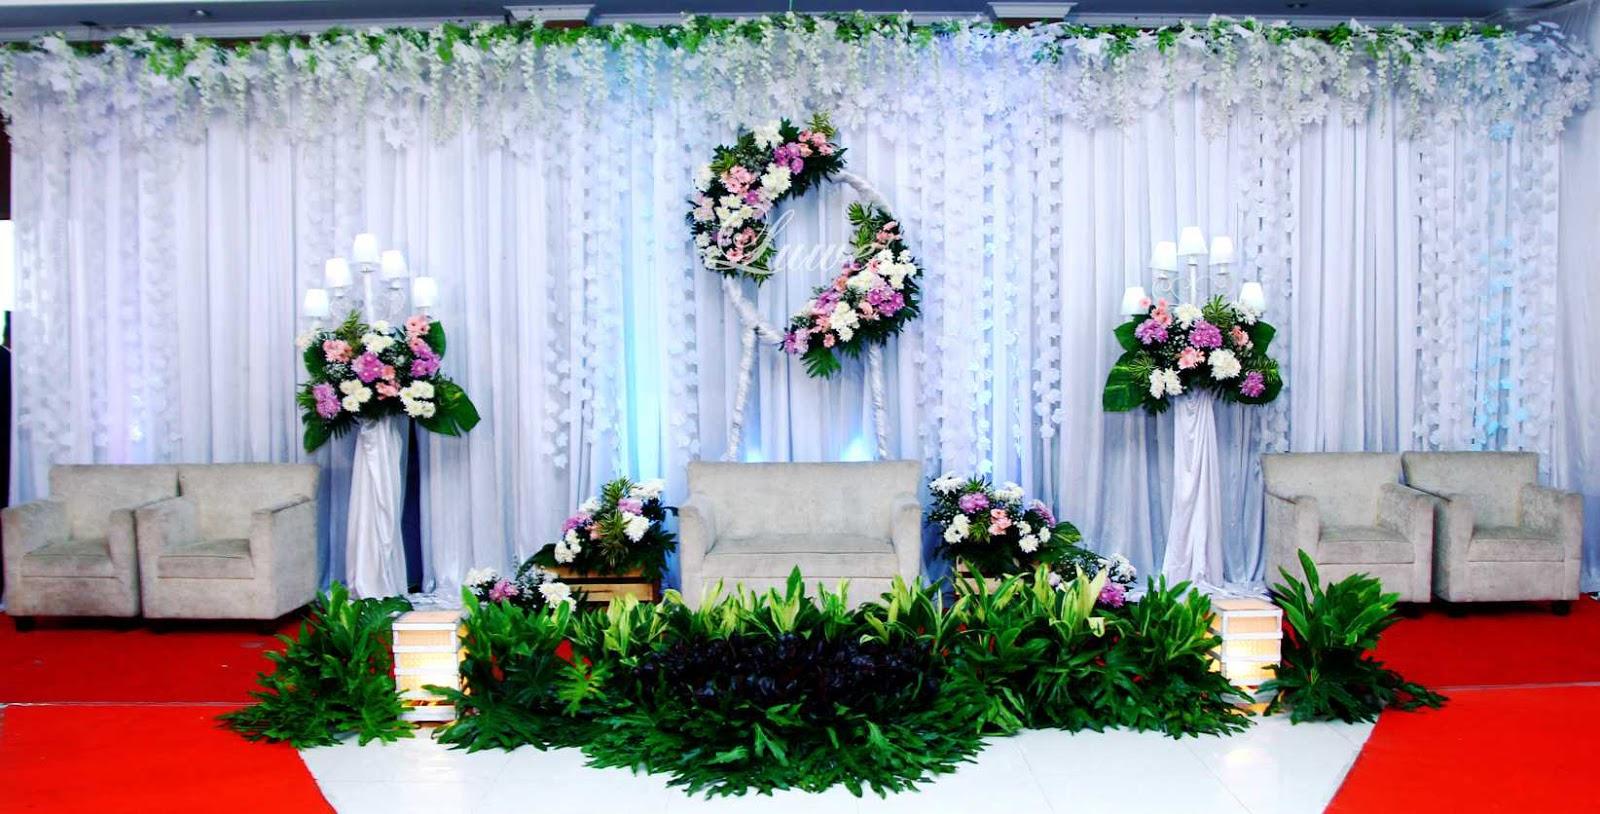 Paket pernikahan di bekasi tanpa catering yang sudah termasuk rias pengantin, dekorasi, dan tenda pernikahan